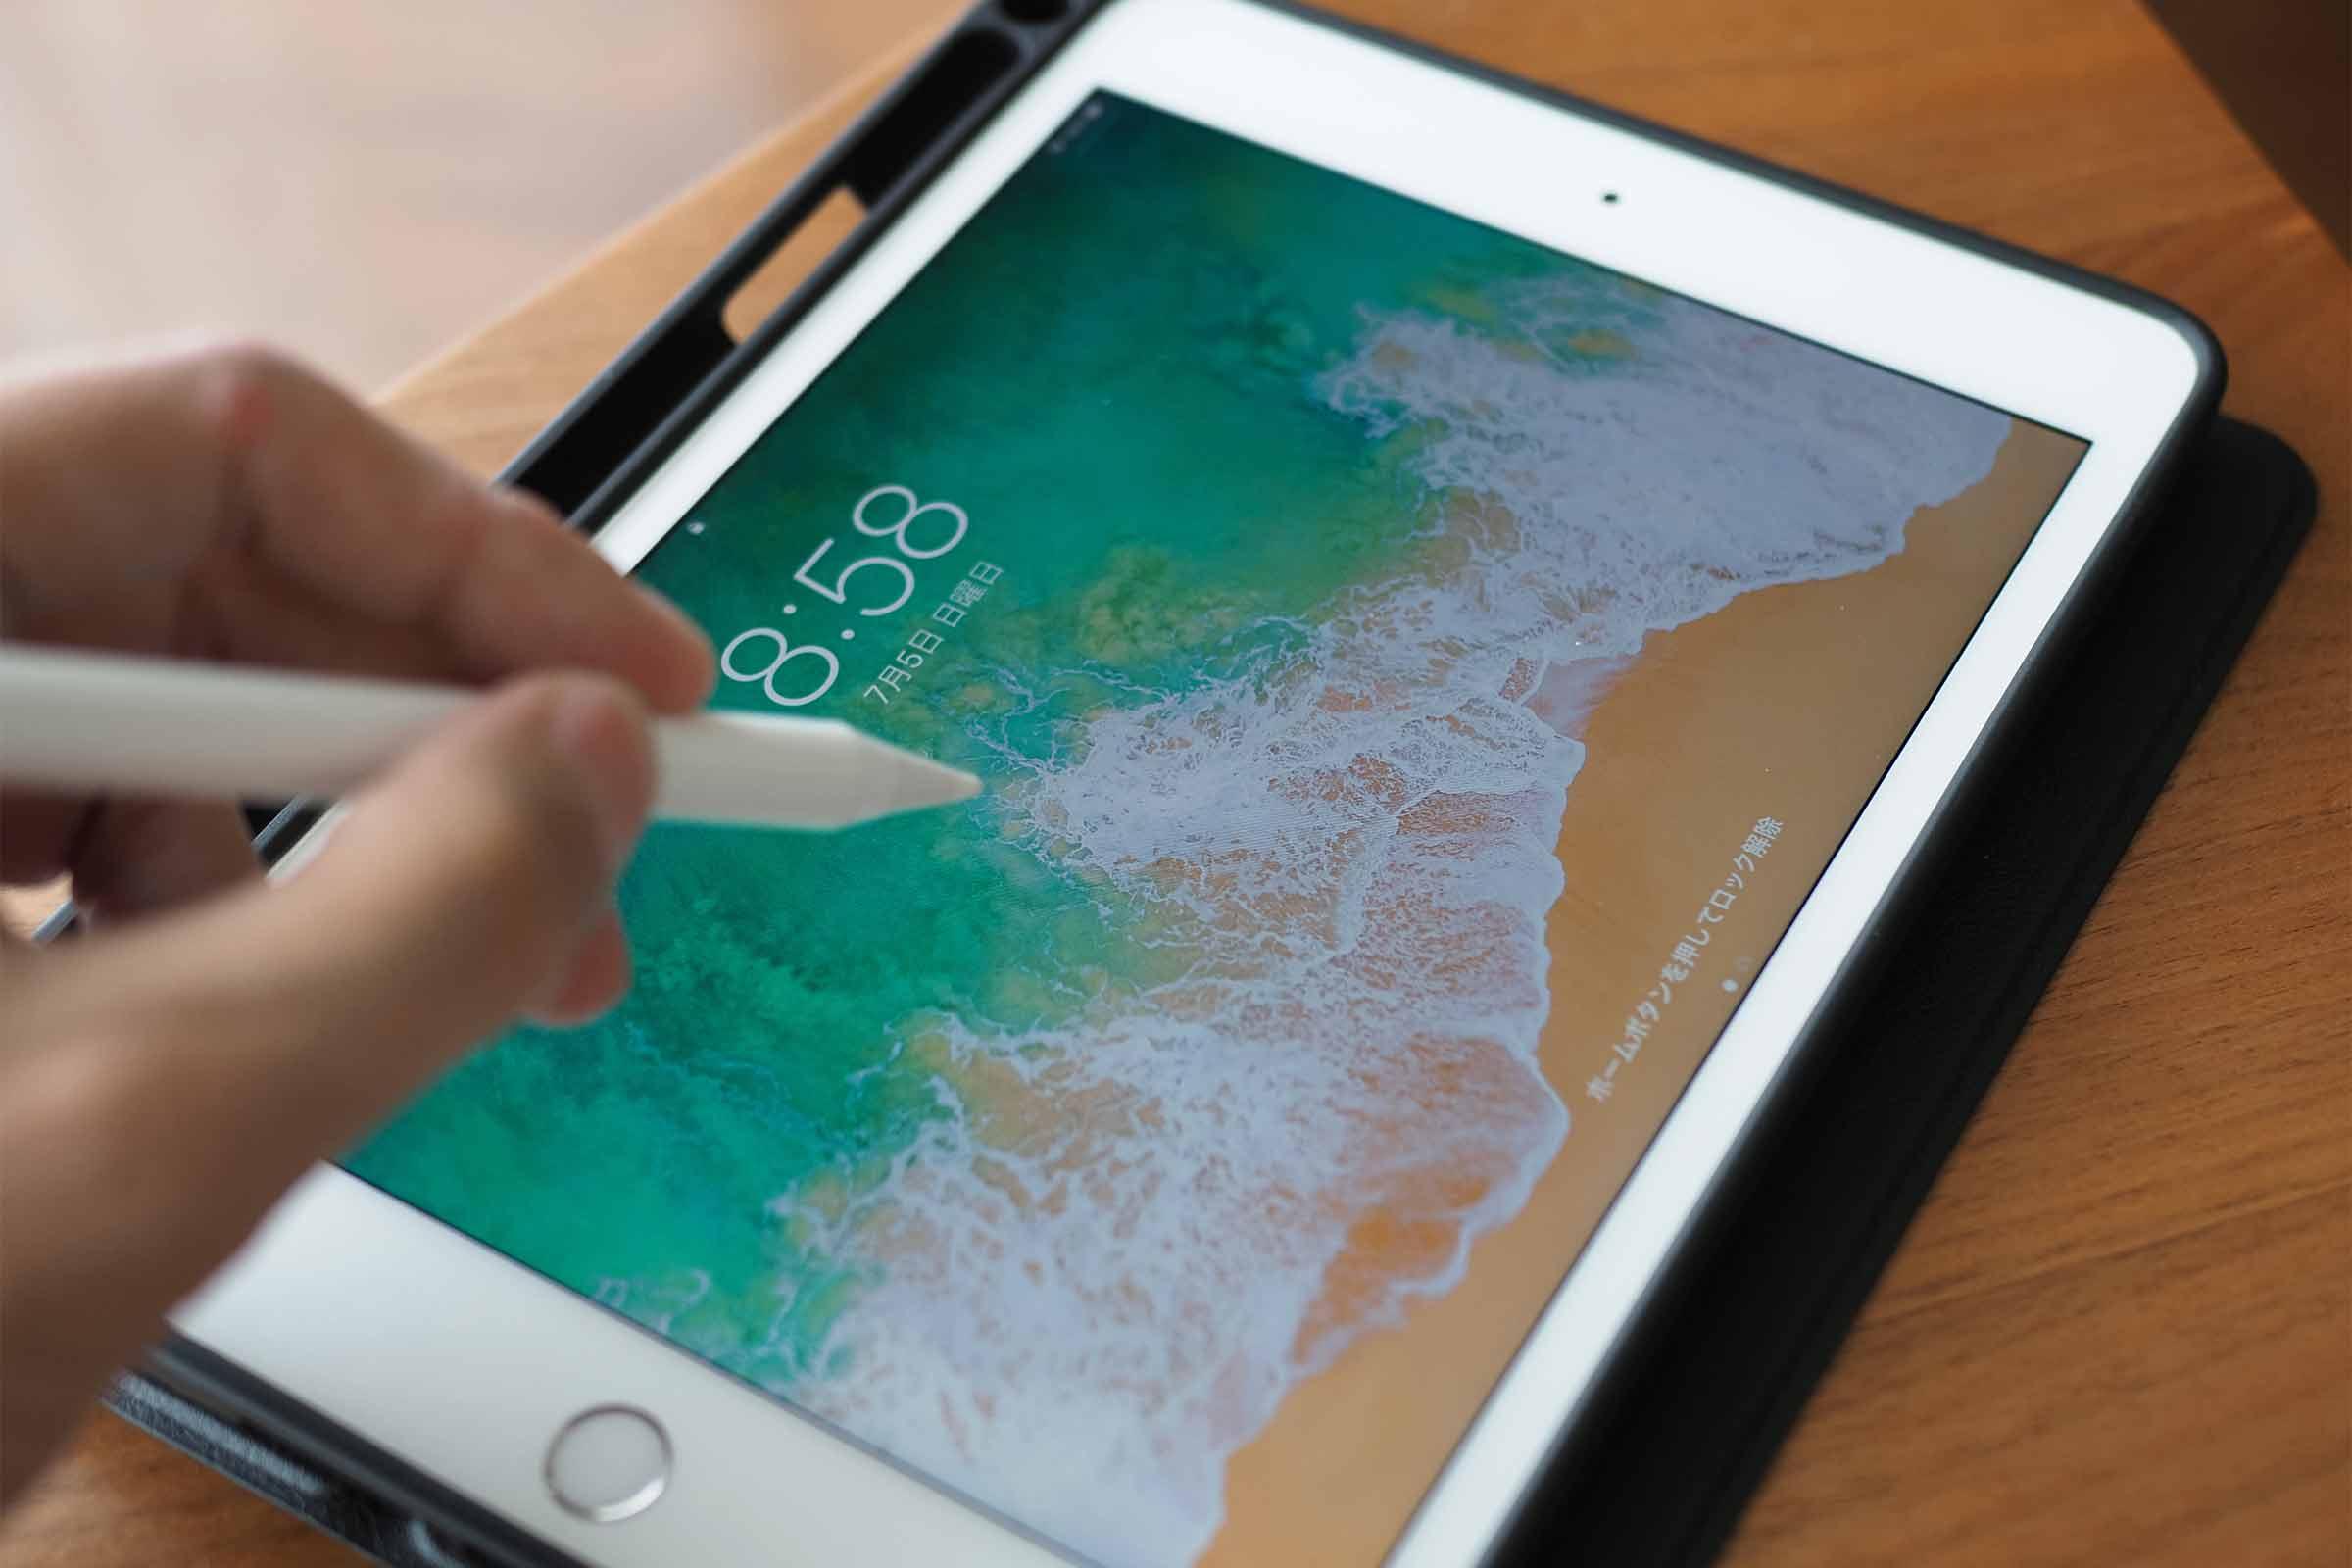 スタイラスペン,iPad,mpio,Apple Pencil,タッチペン,第三世代,メモ機能